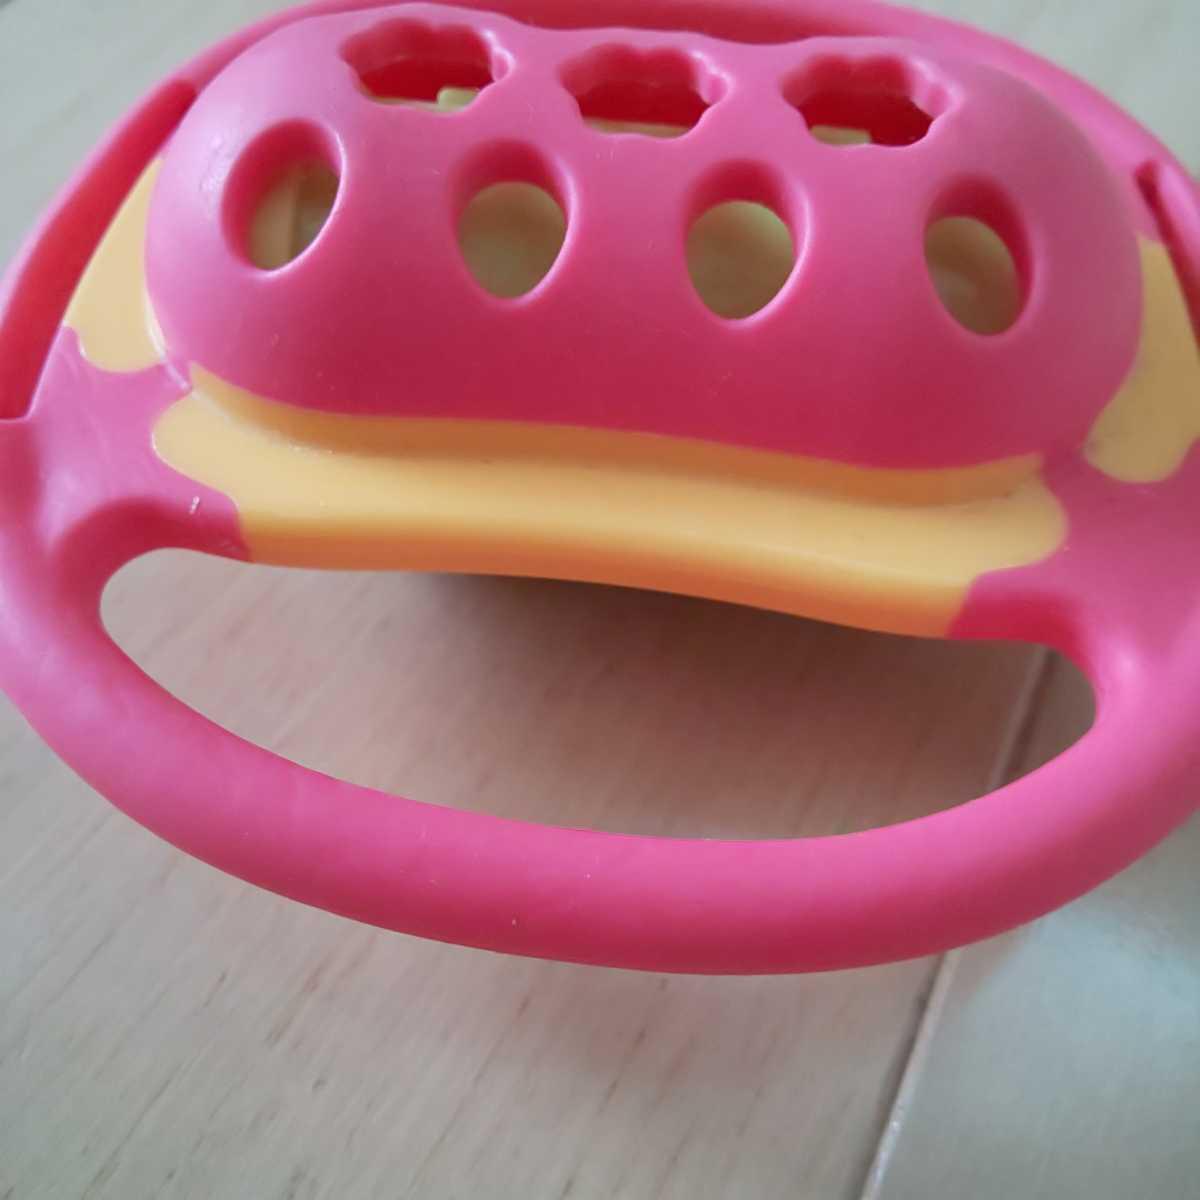 1円スタート! ガラガラ ベビーグッズ 赤ちゃんグッズ 赤ちゃんのおもちゃ 音のなるおもちゃ グッズ akichan7777jp_画像6